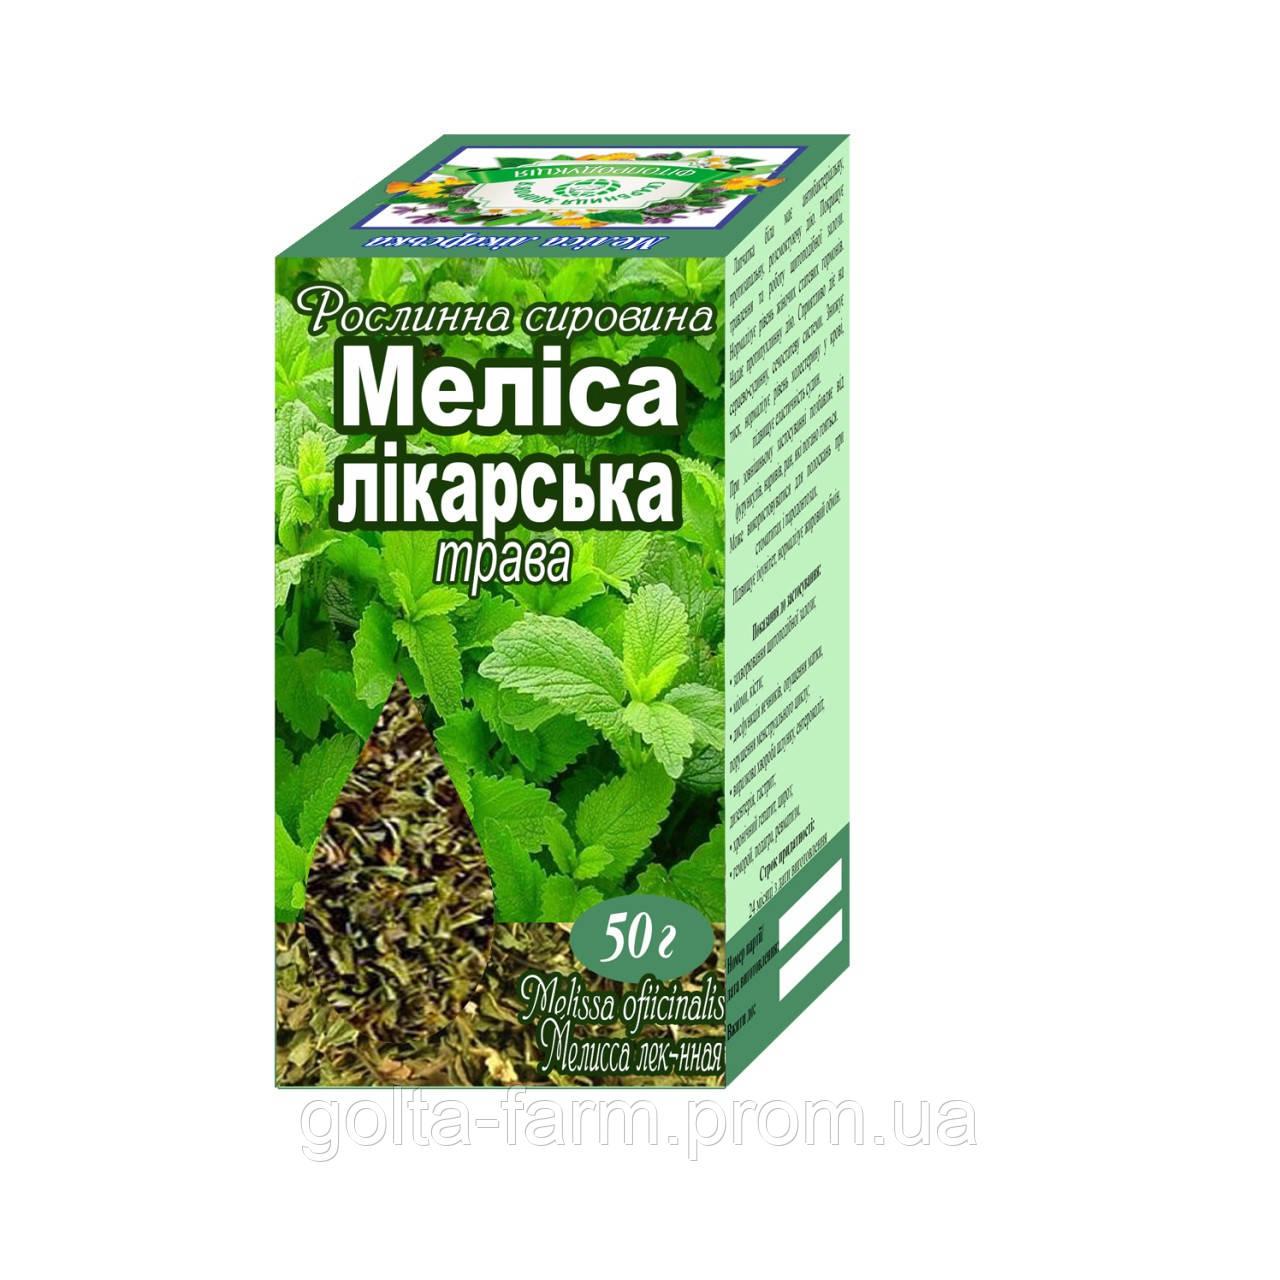 Мелисса лимонная трава 50 грамм.